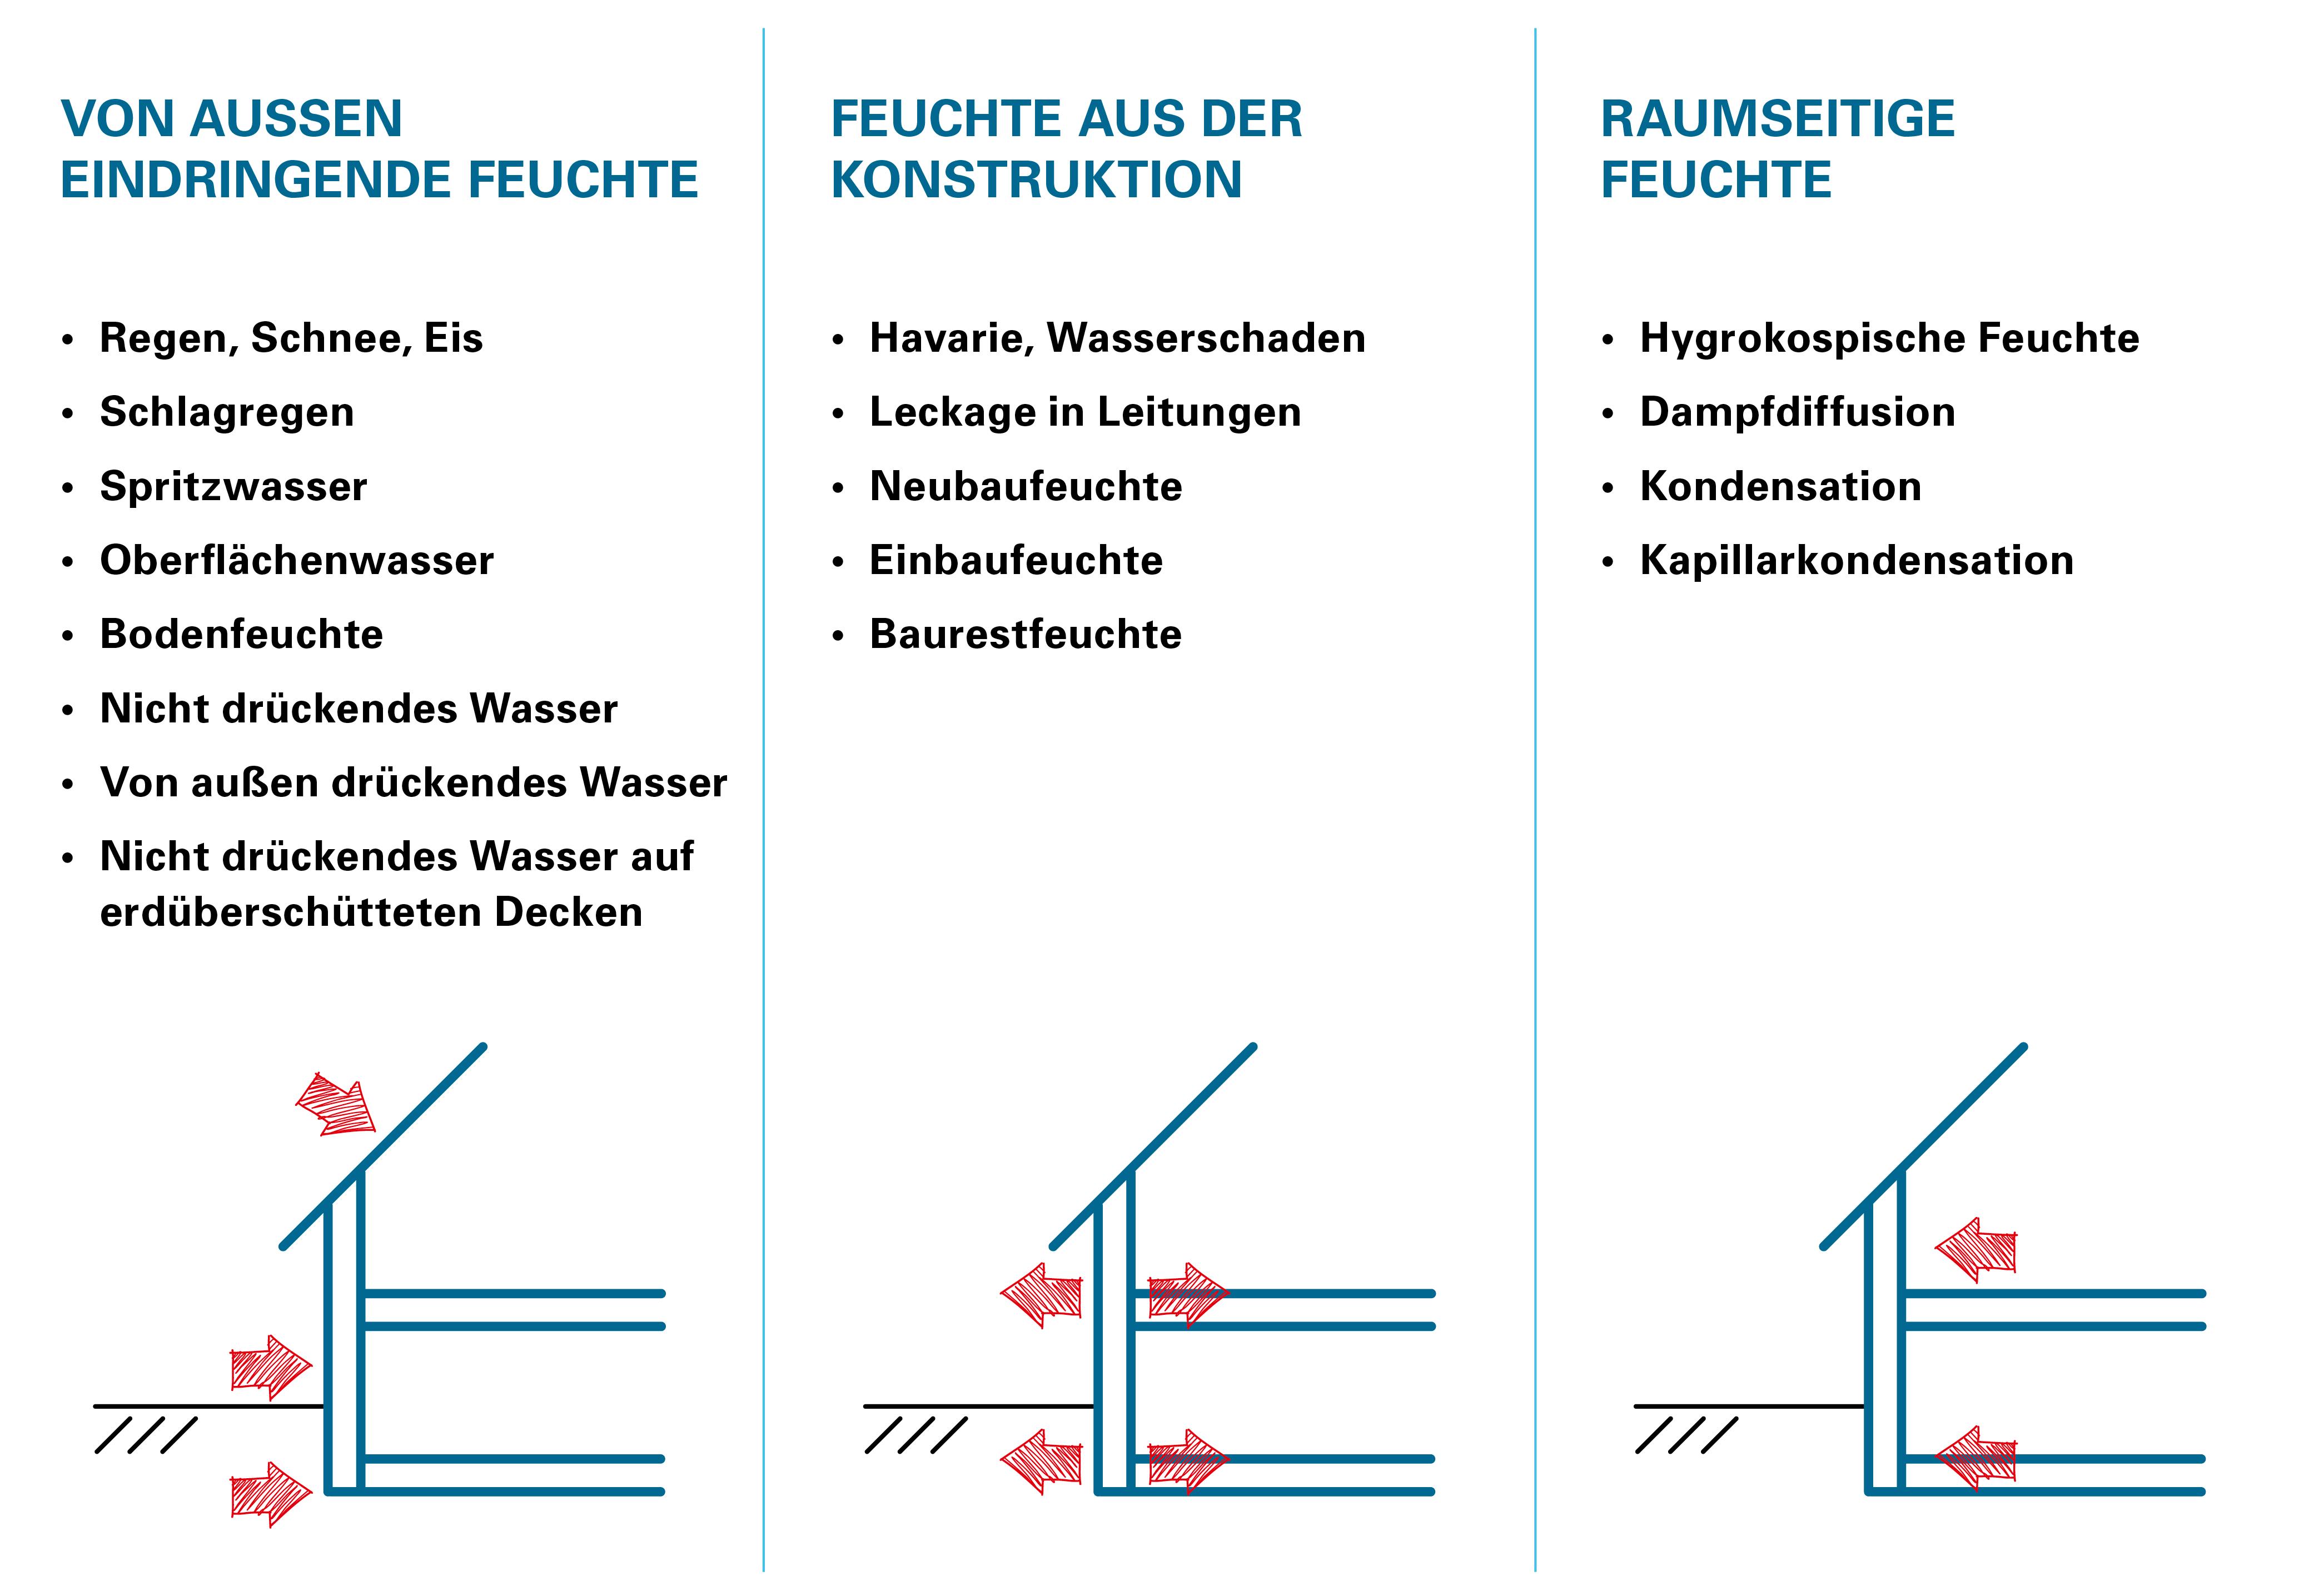 Gemeinsame Bauwerksabdichtung – Getifix GmbH @VB_59